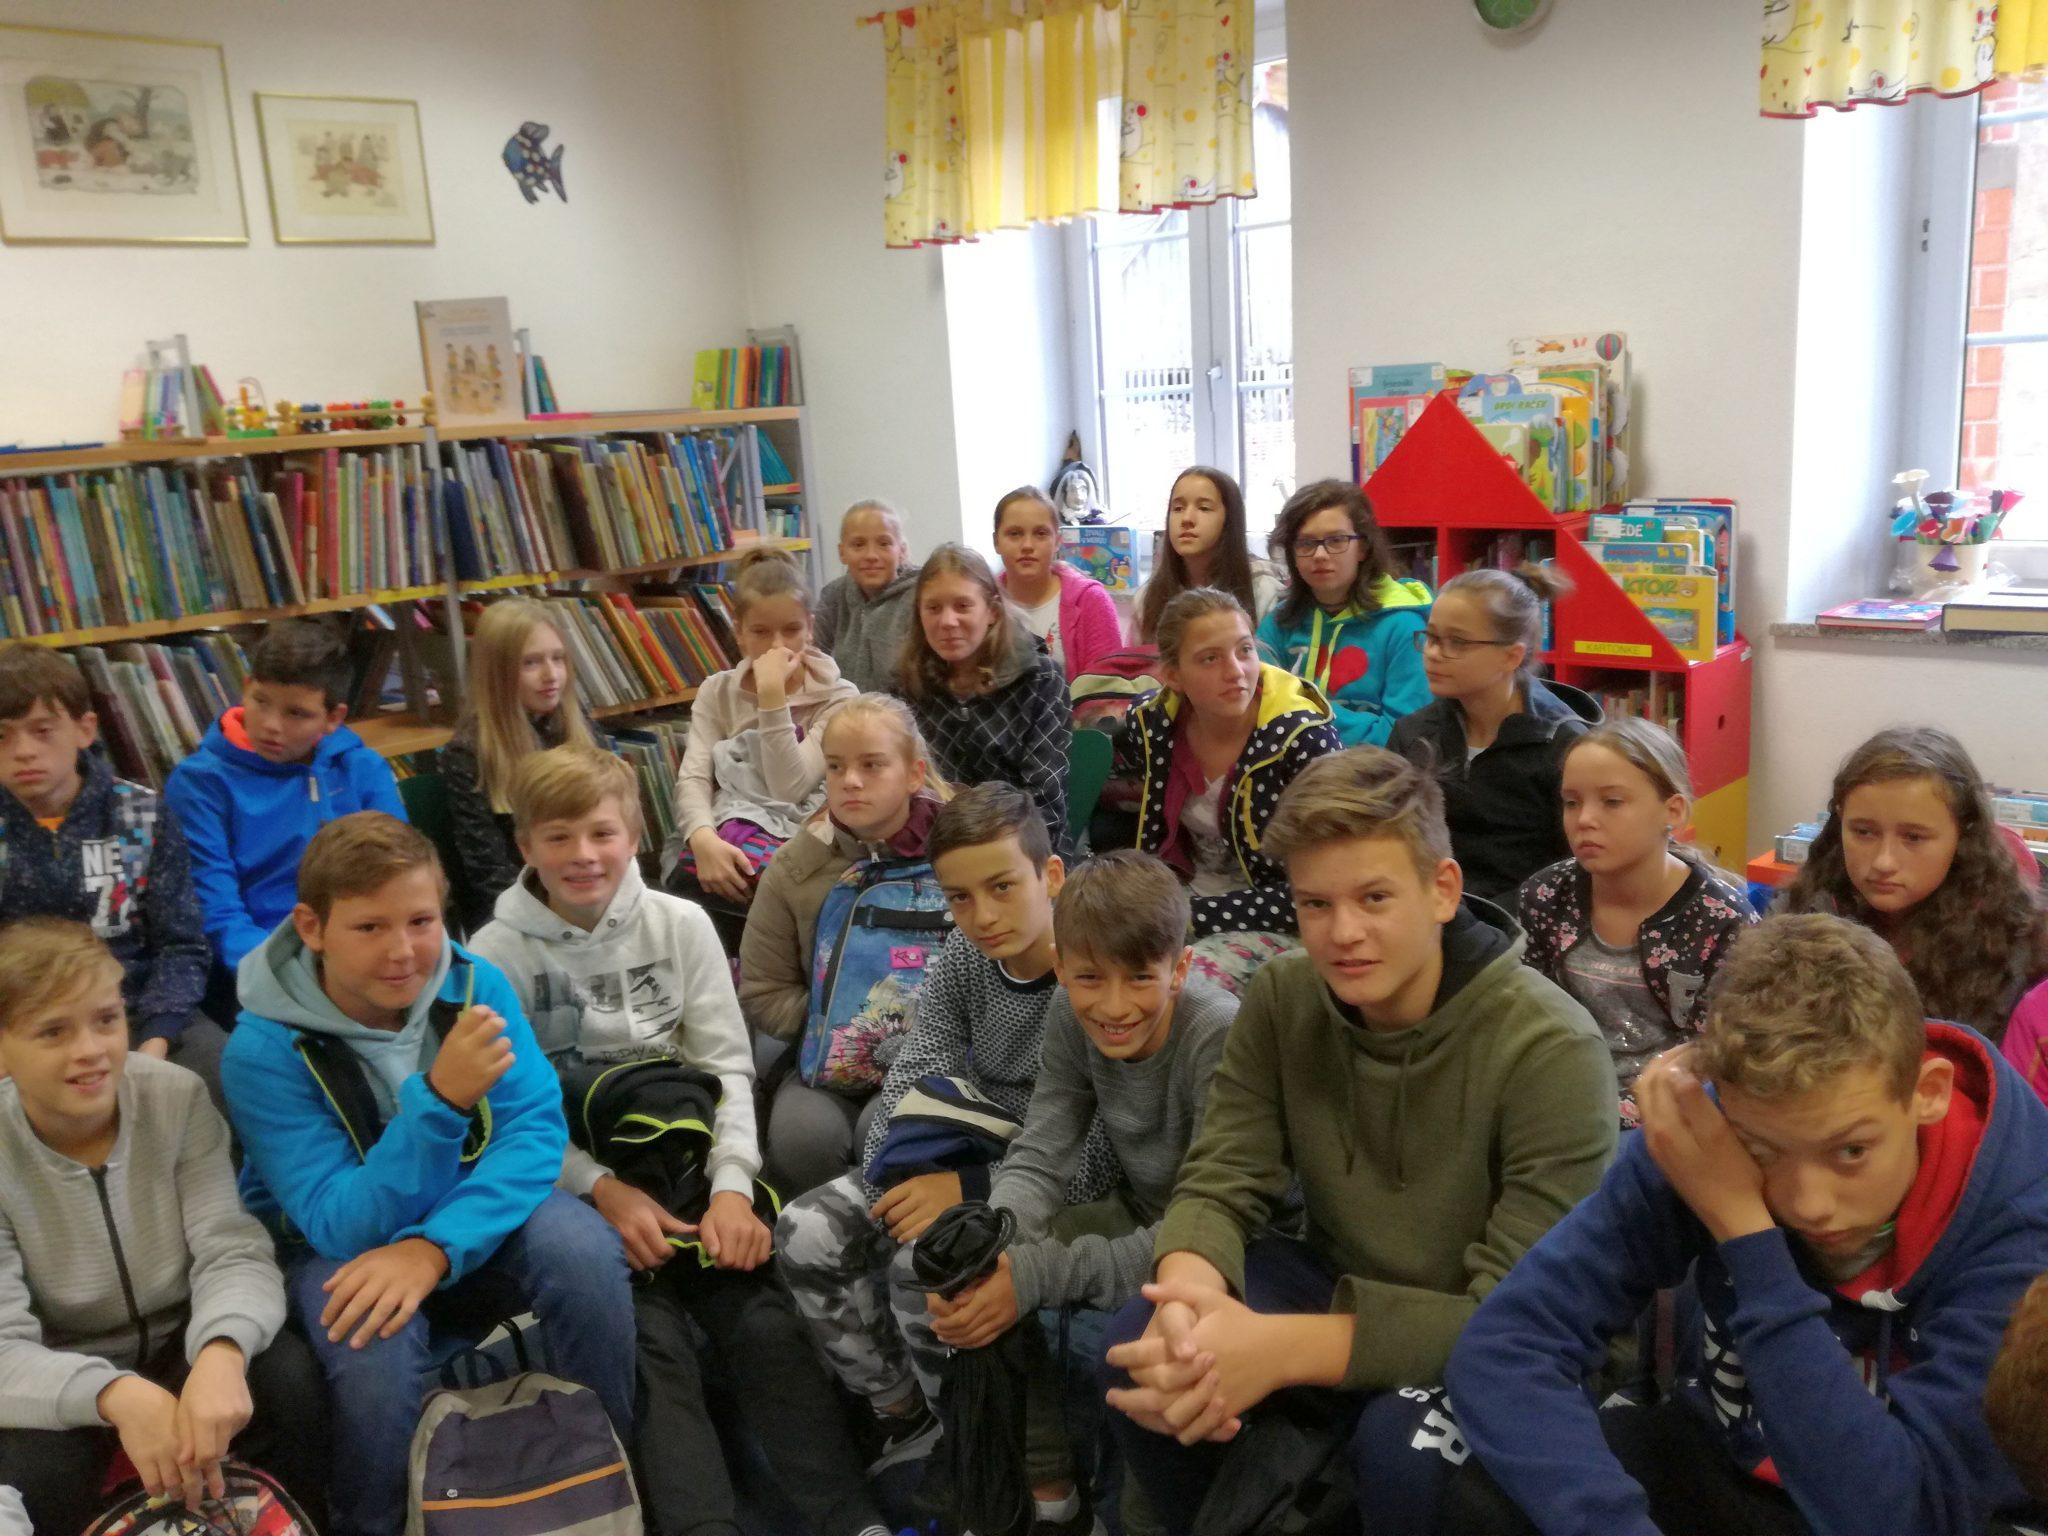 IMG 20181002 082056 - Obisk sedmošolcev iz Starega trga